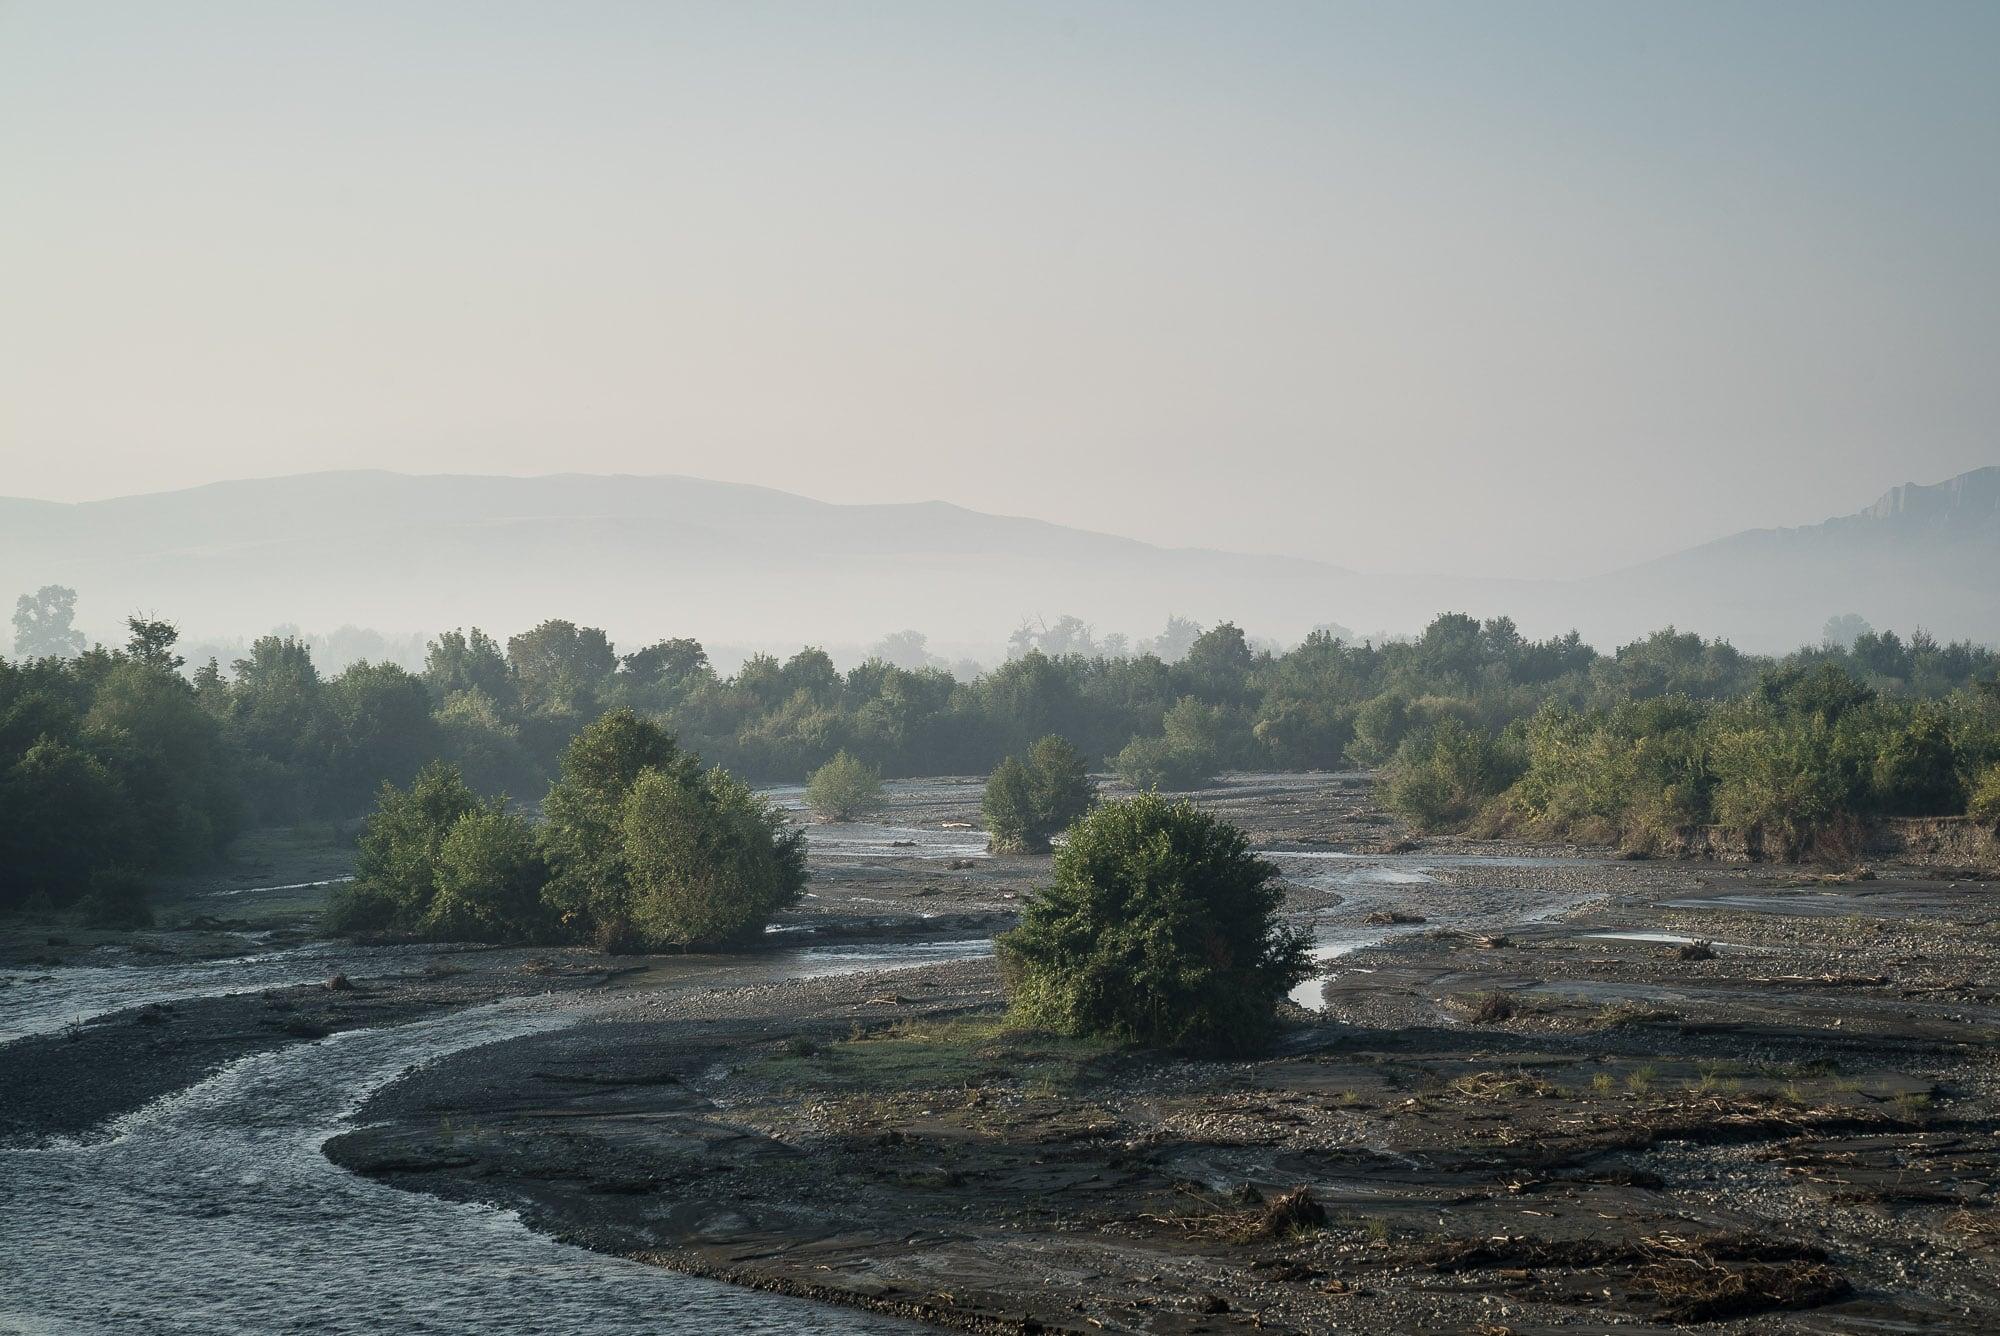 river near Nij